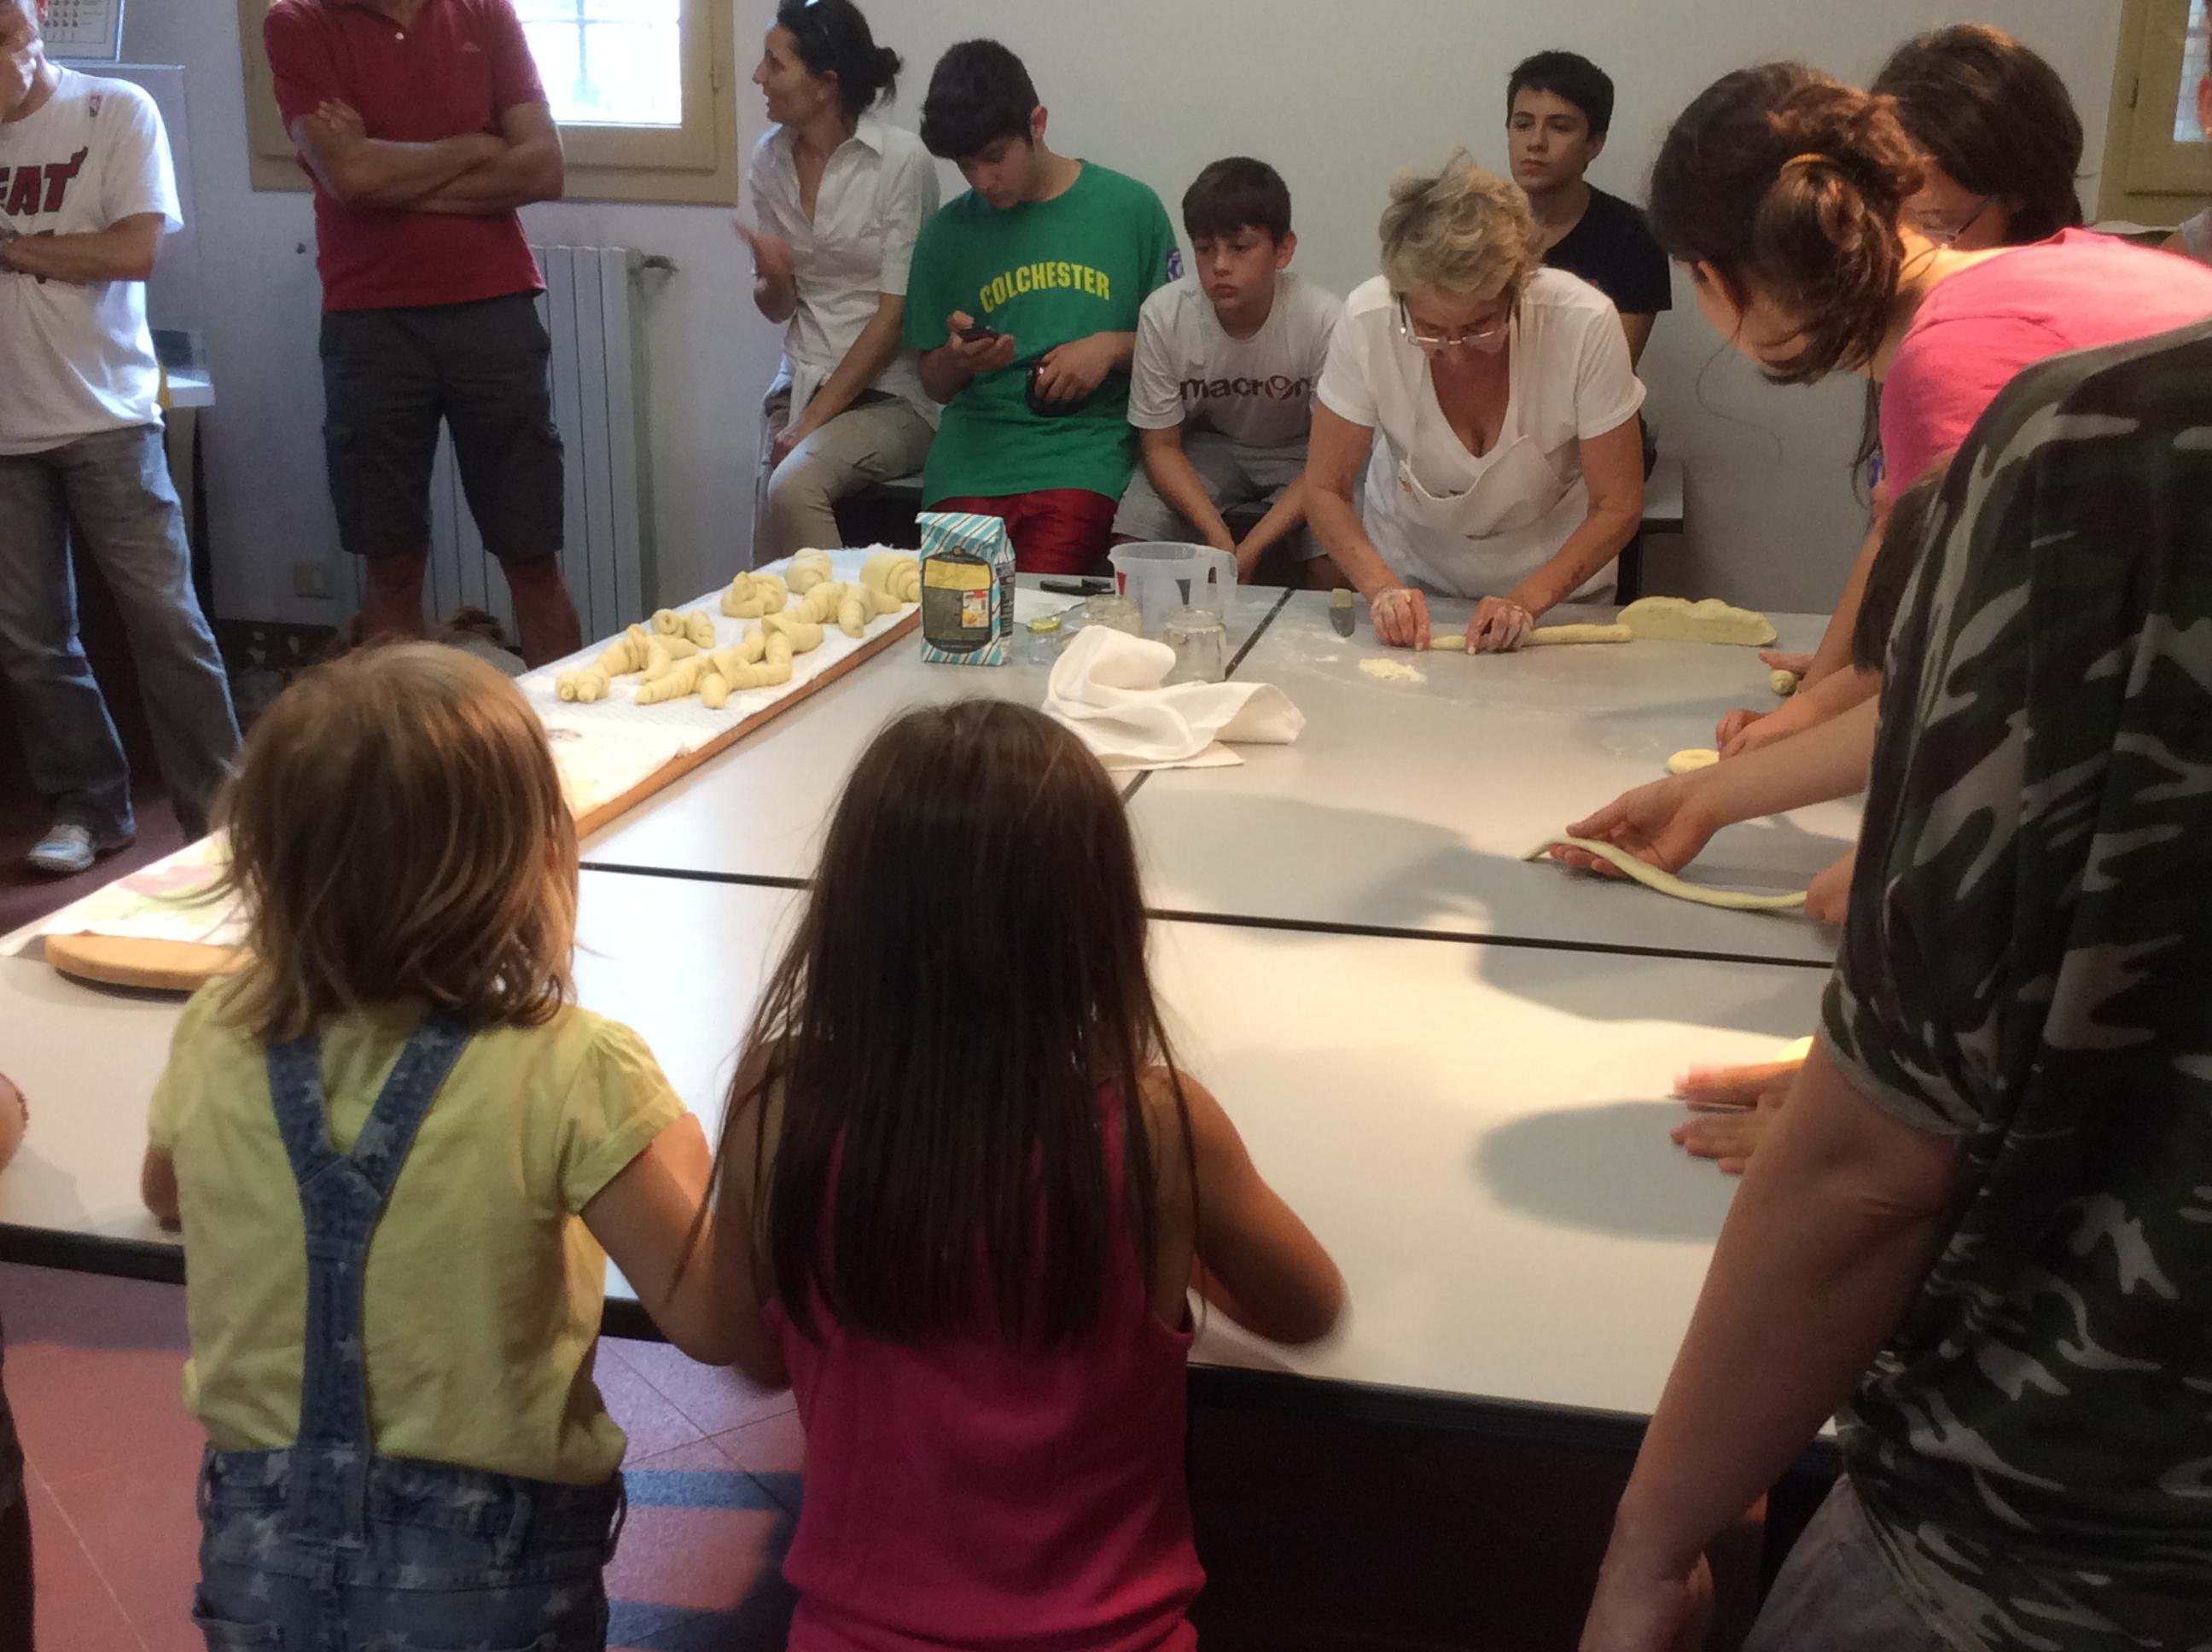 Dimostrazione della preparazione del pane